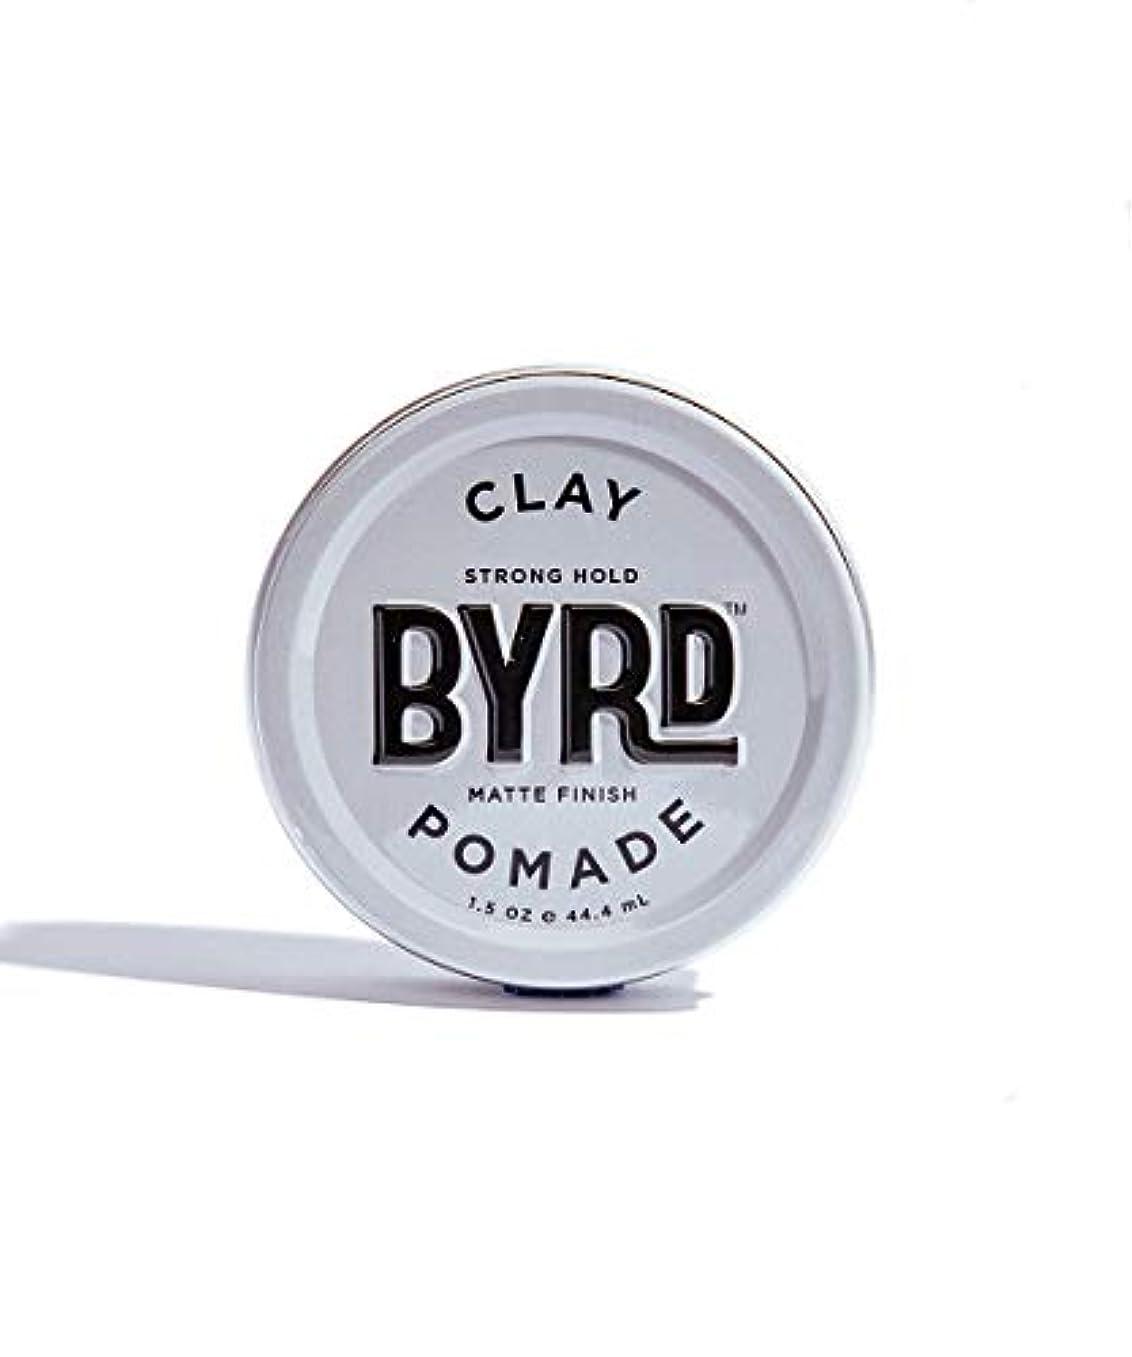 協力する劣る哲学博士BYRD/クレイポマード 42g メンズコスメ ワックス ヘアスタイリング かっこいい モテ髪